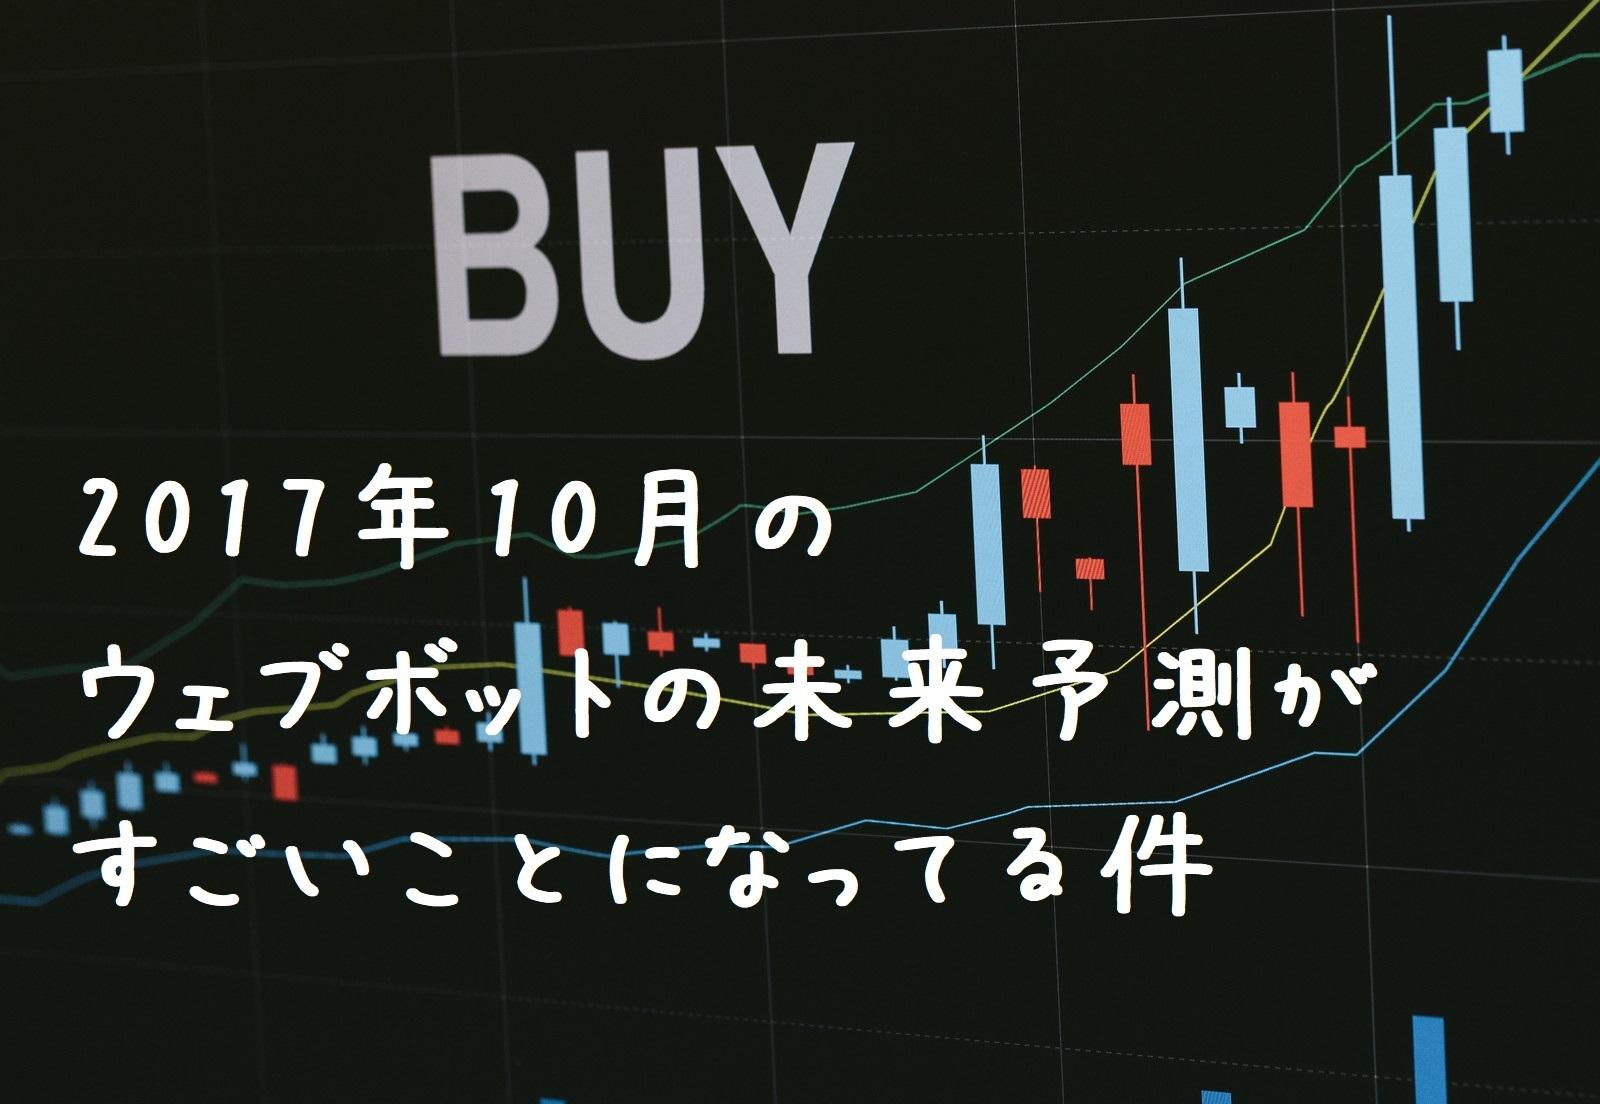 buyIMGL6598_TP_V.jpg